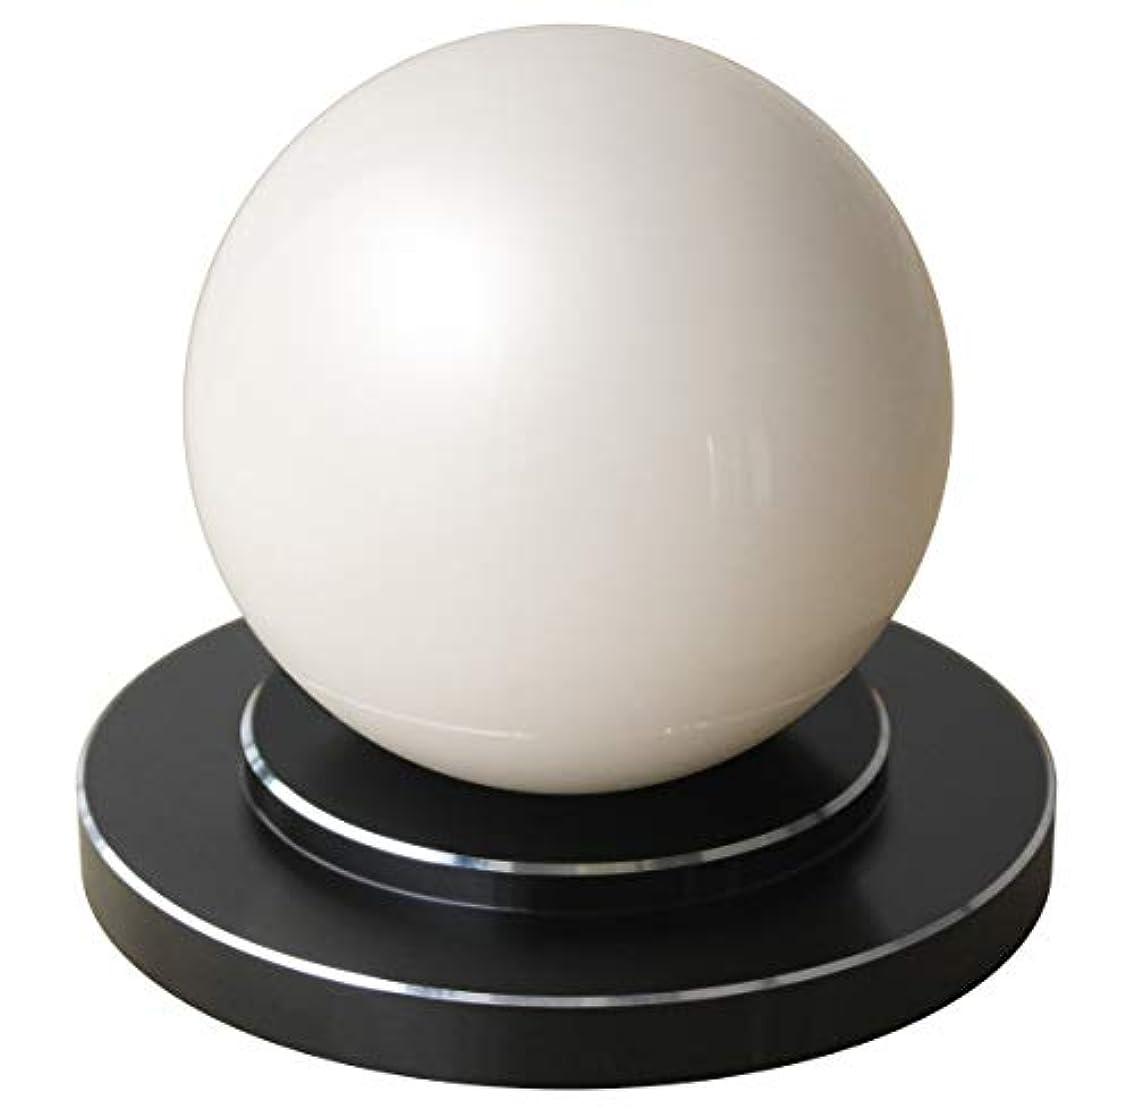 取得クレーターマザーランド商品名:楽人球(らくときゅう):インテリアにもなるスタイリッシュな指圧器。光沢のある大きな球体。美しさと指圧の実力を兼ね備えた全く新しいタイプの指圧器。筋肉のこりをほぐし、リラックスできる。 【 すごく効く理由→一点圧により...